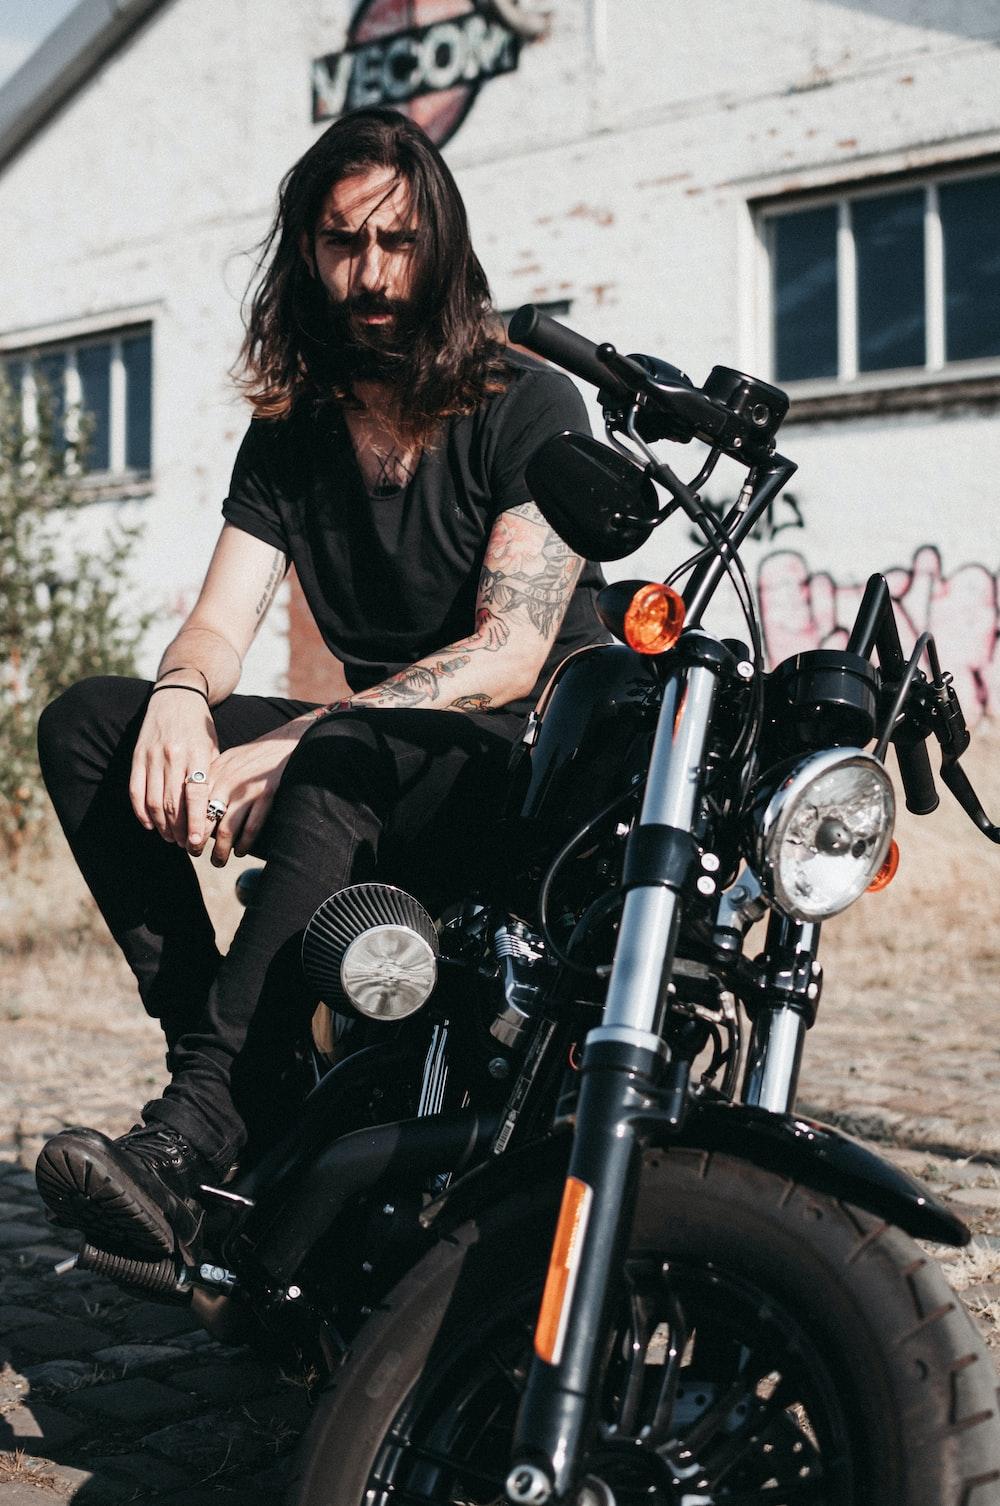 man sitting on black cruiser motorcycle